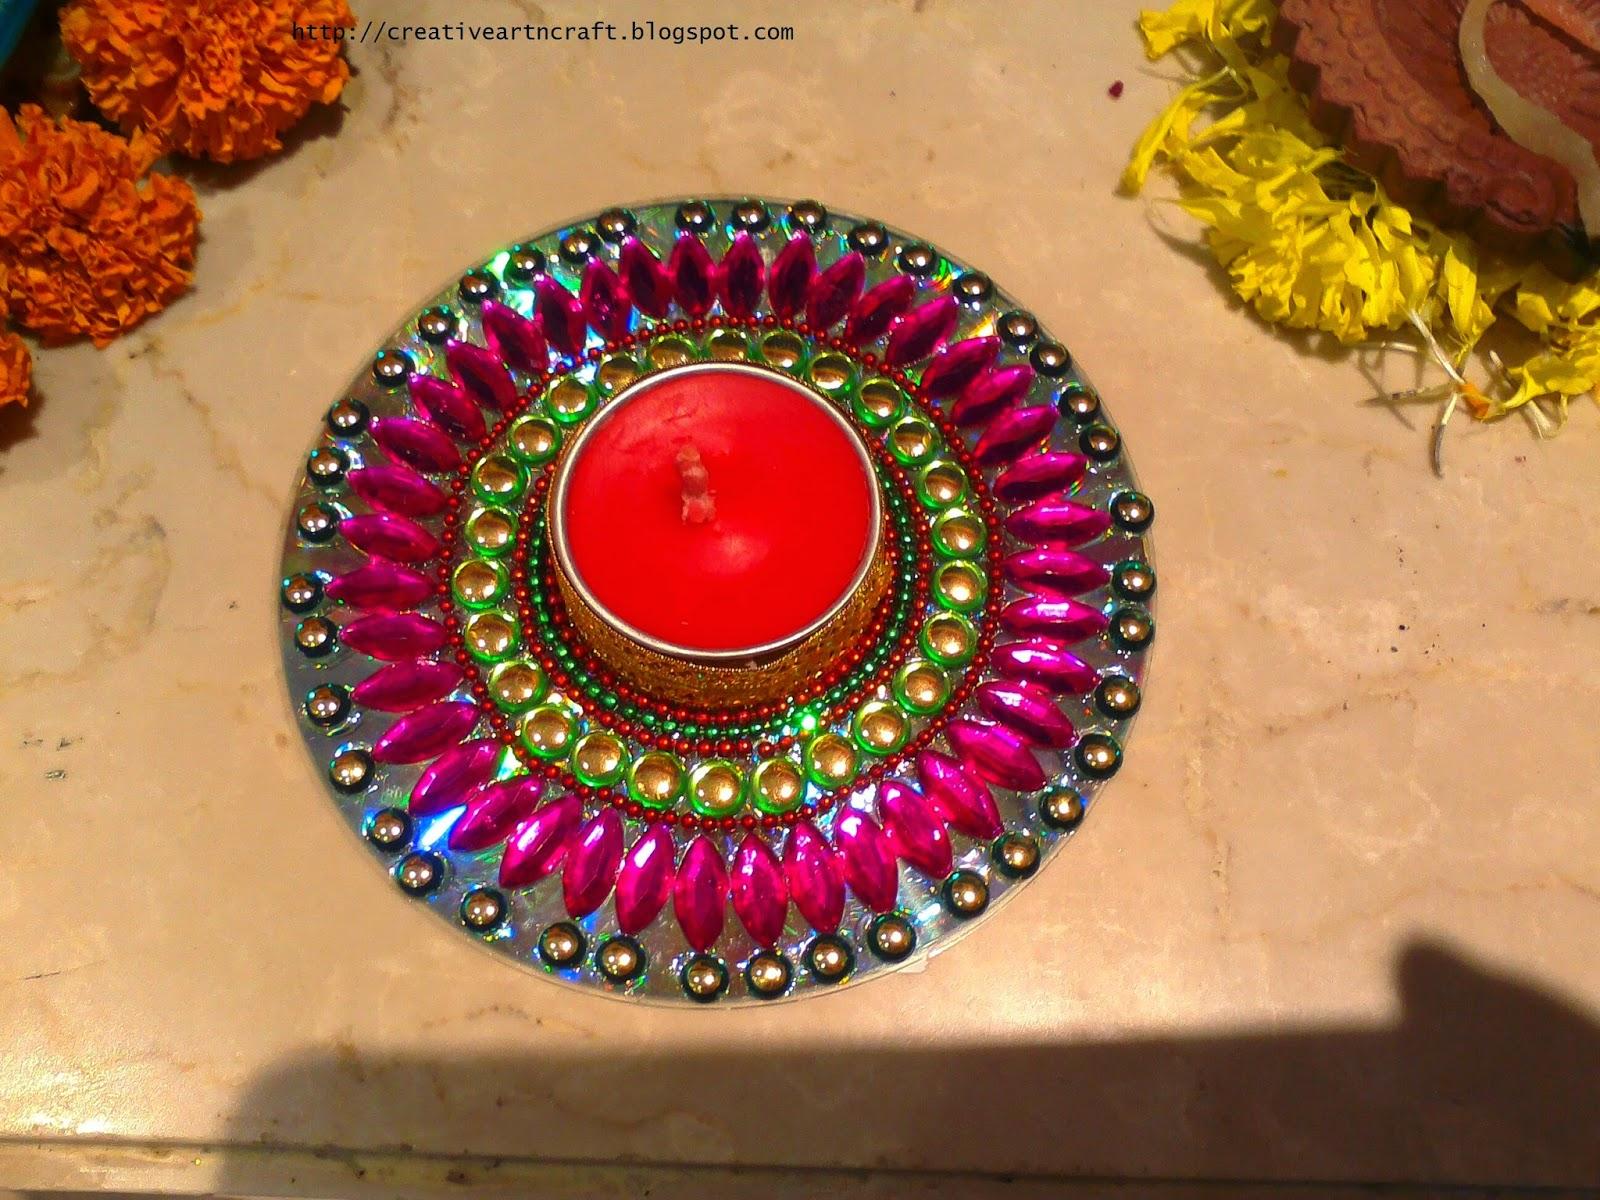 Anu S Art And Crafts September 2014